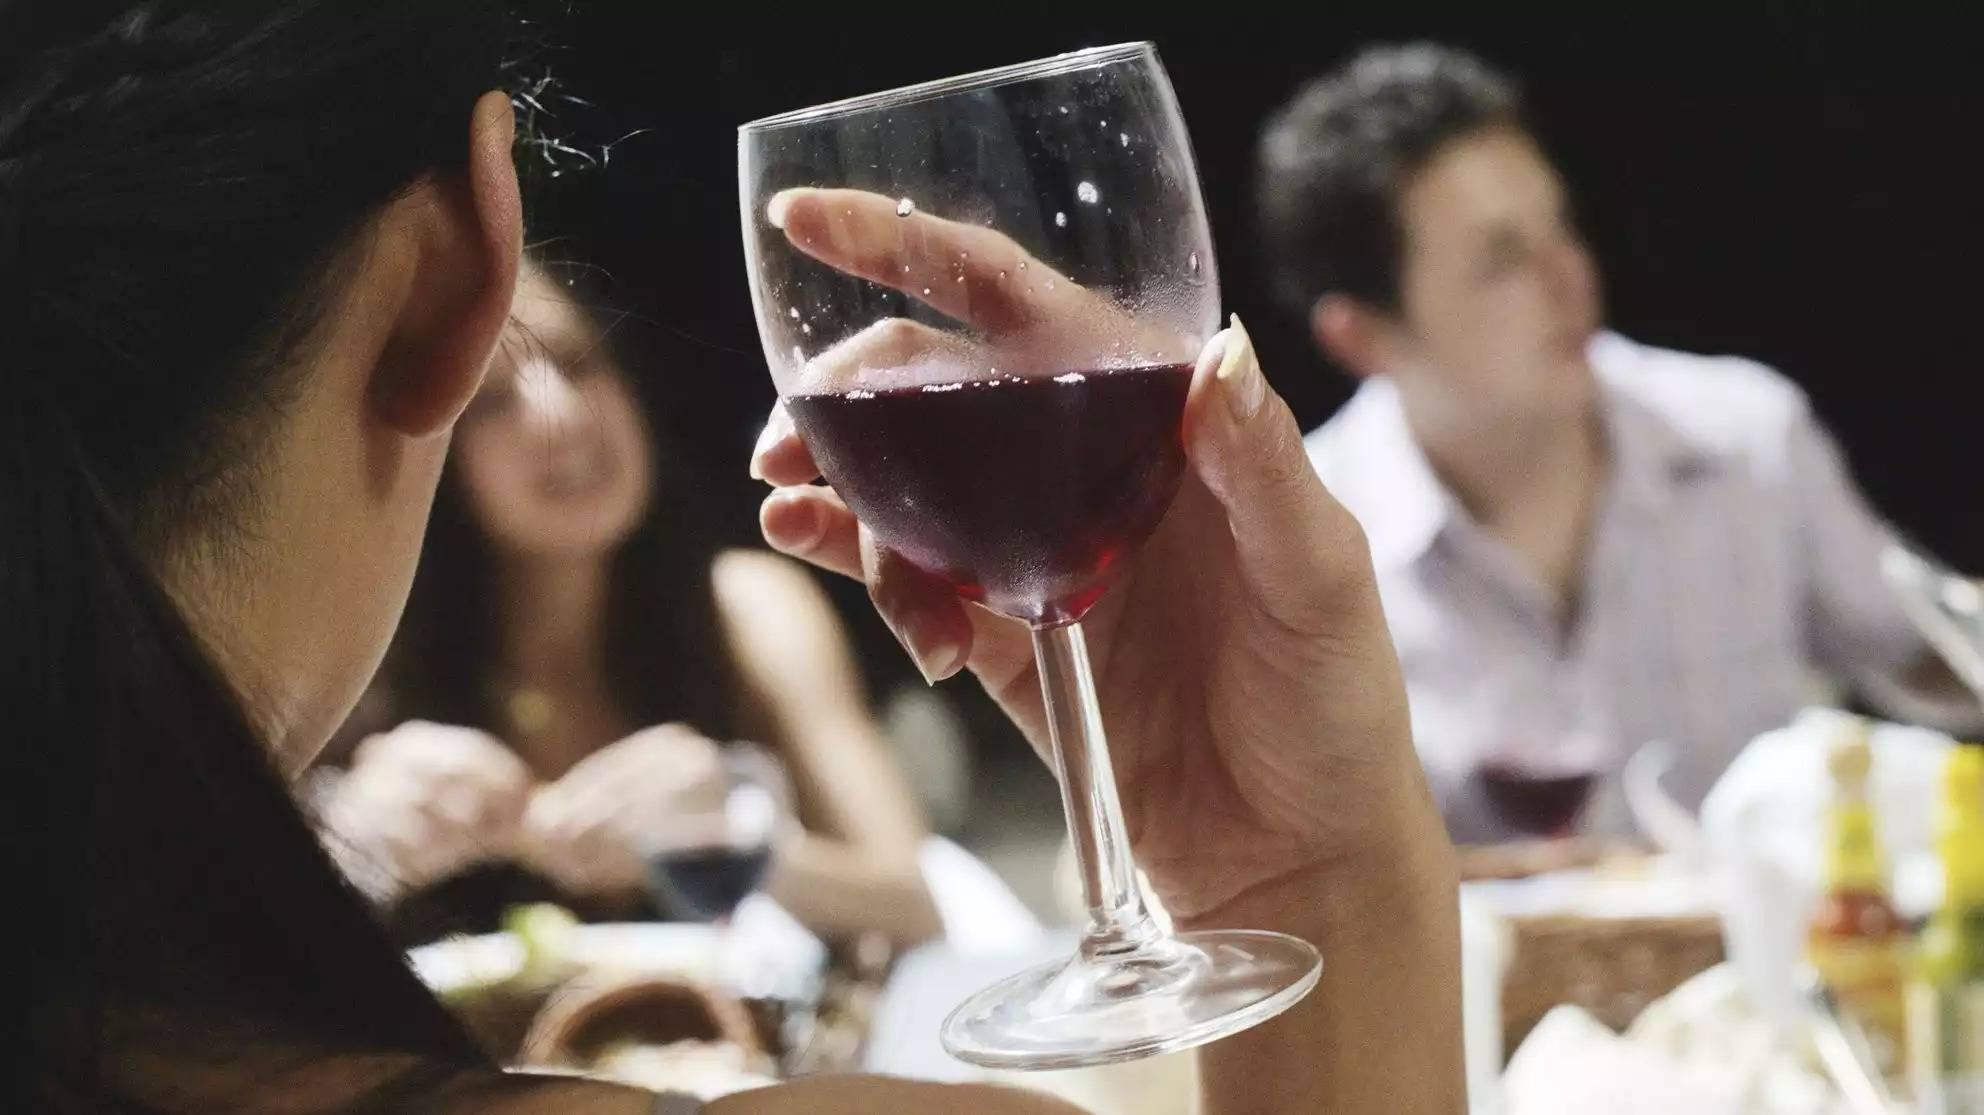 Правда ли, что бокал вина каждый день полезен для здоровья